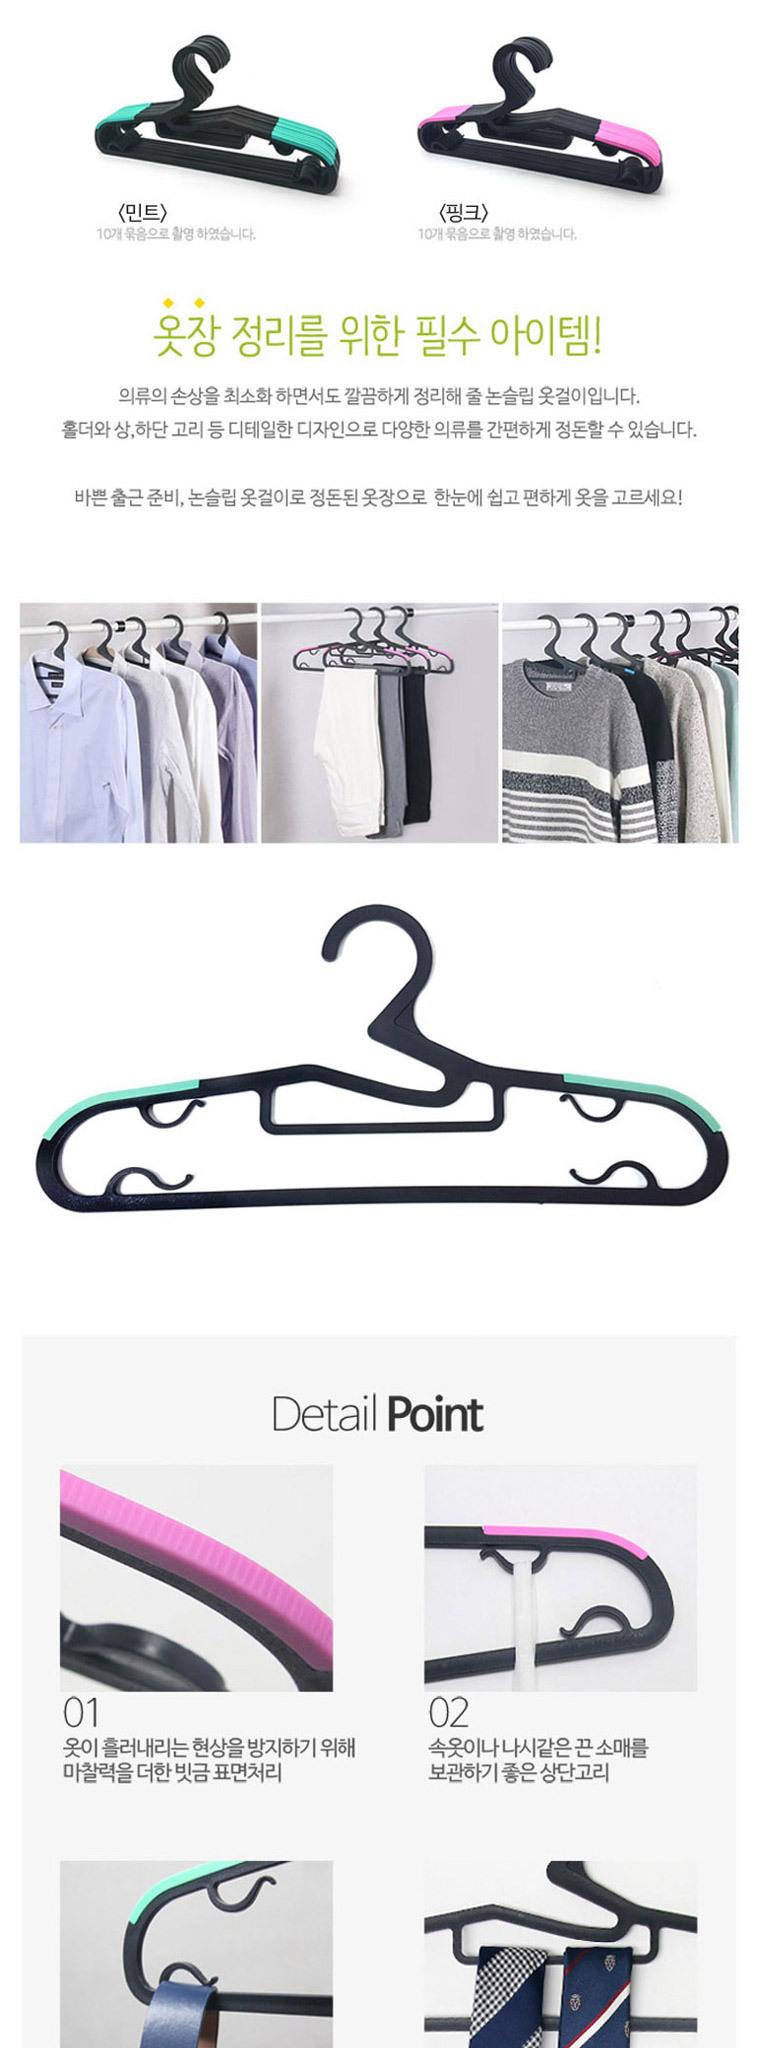 어깨뿔 방지 논슬립 옷걸이 - 상세정보